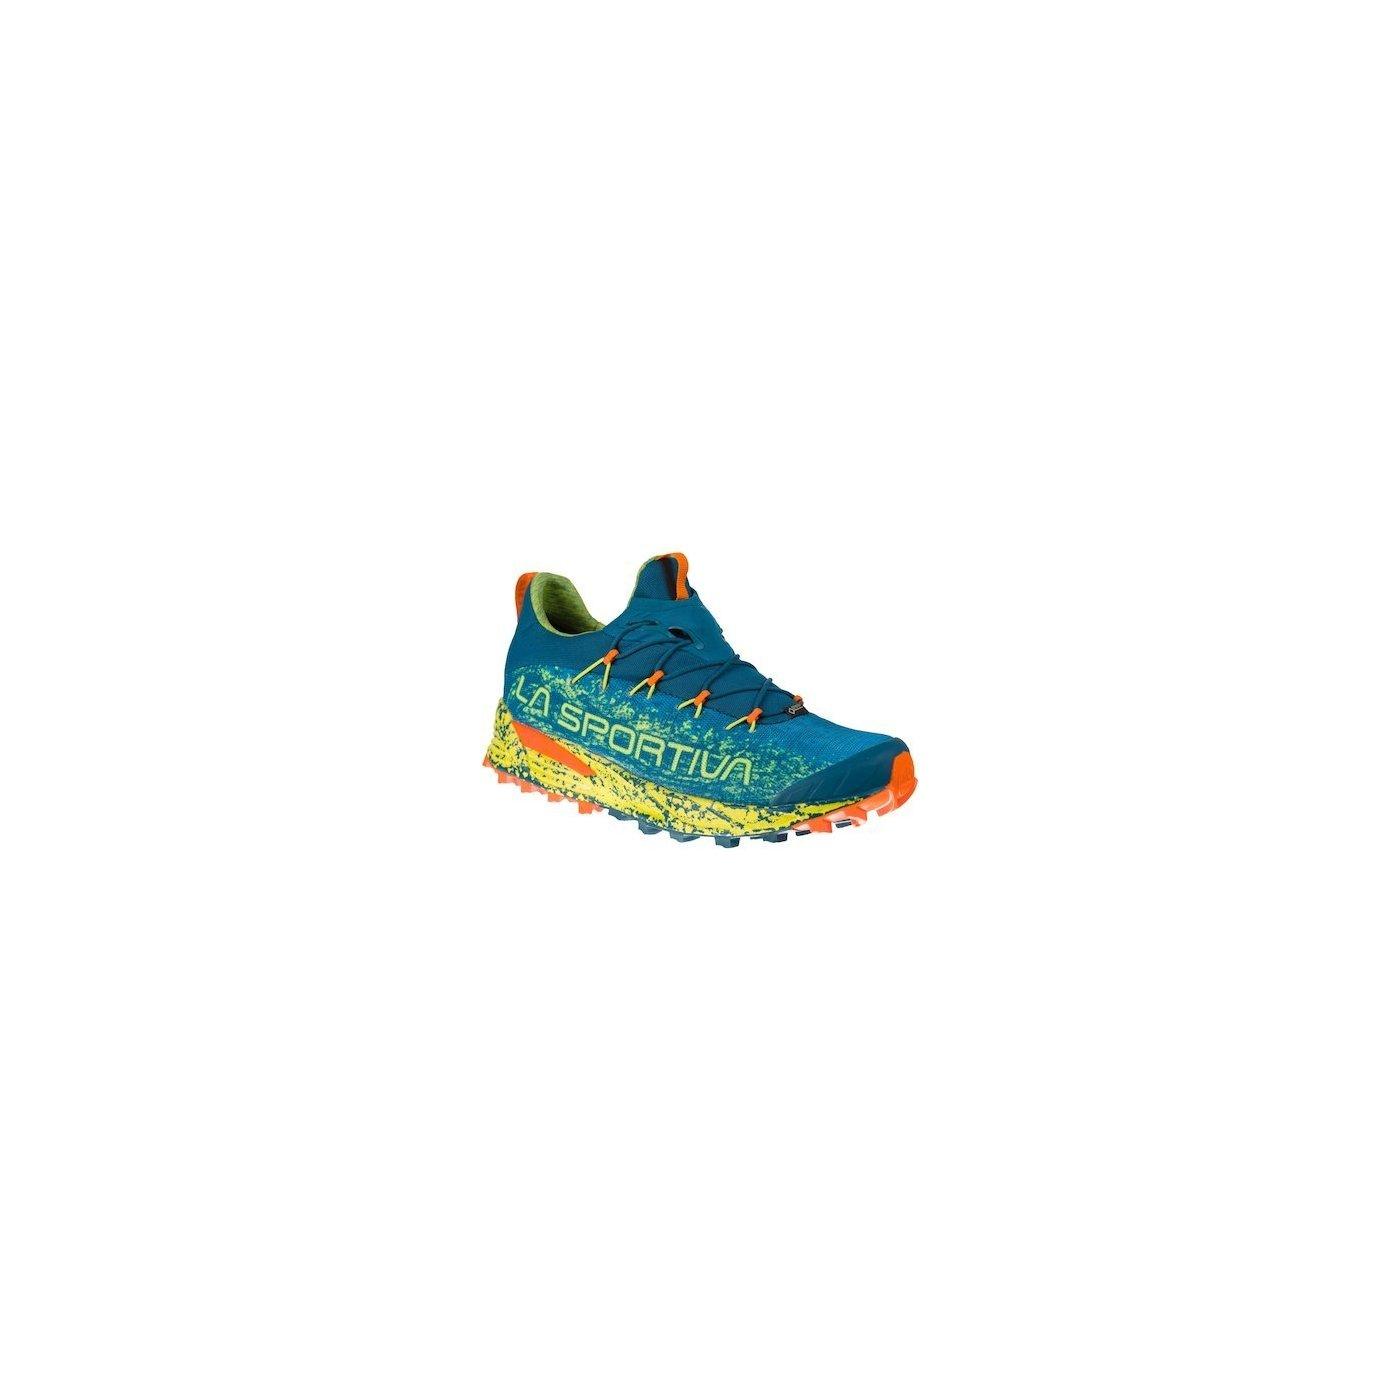 La Sportiva Tempesta Gtx 46 EU|Ocean/Lava Venta de calzado deportivo de moda en línea